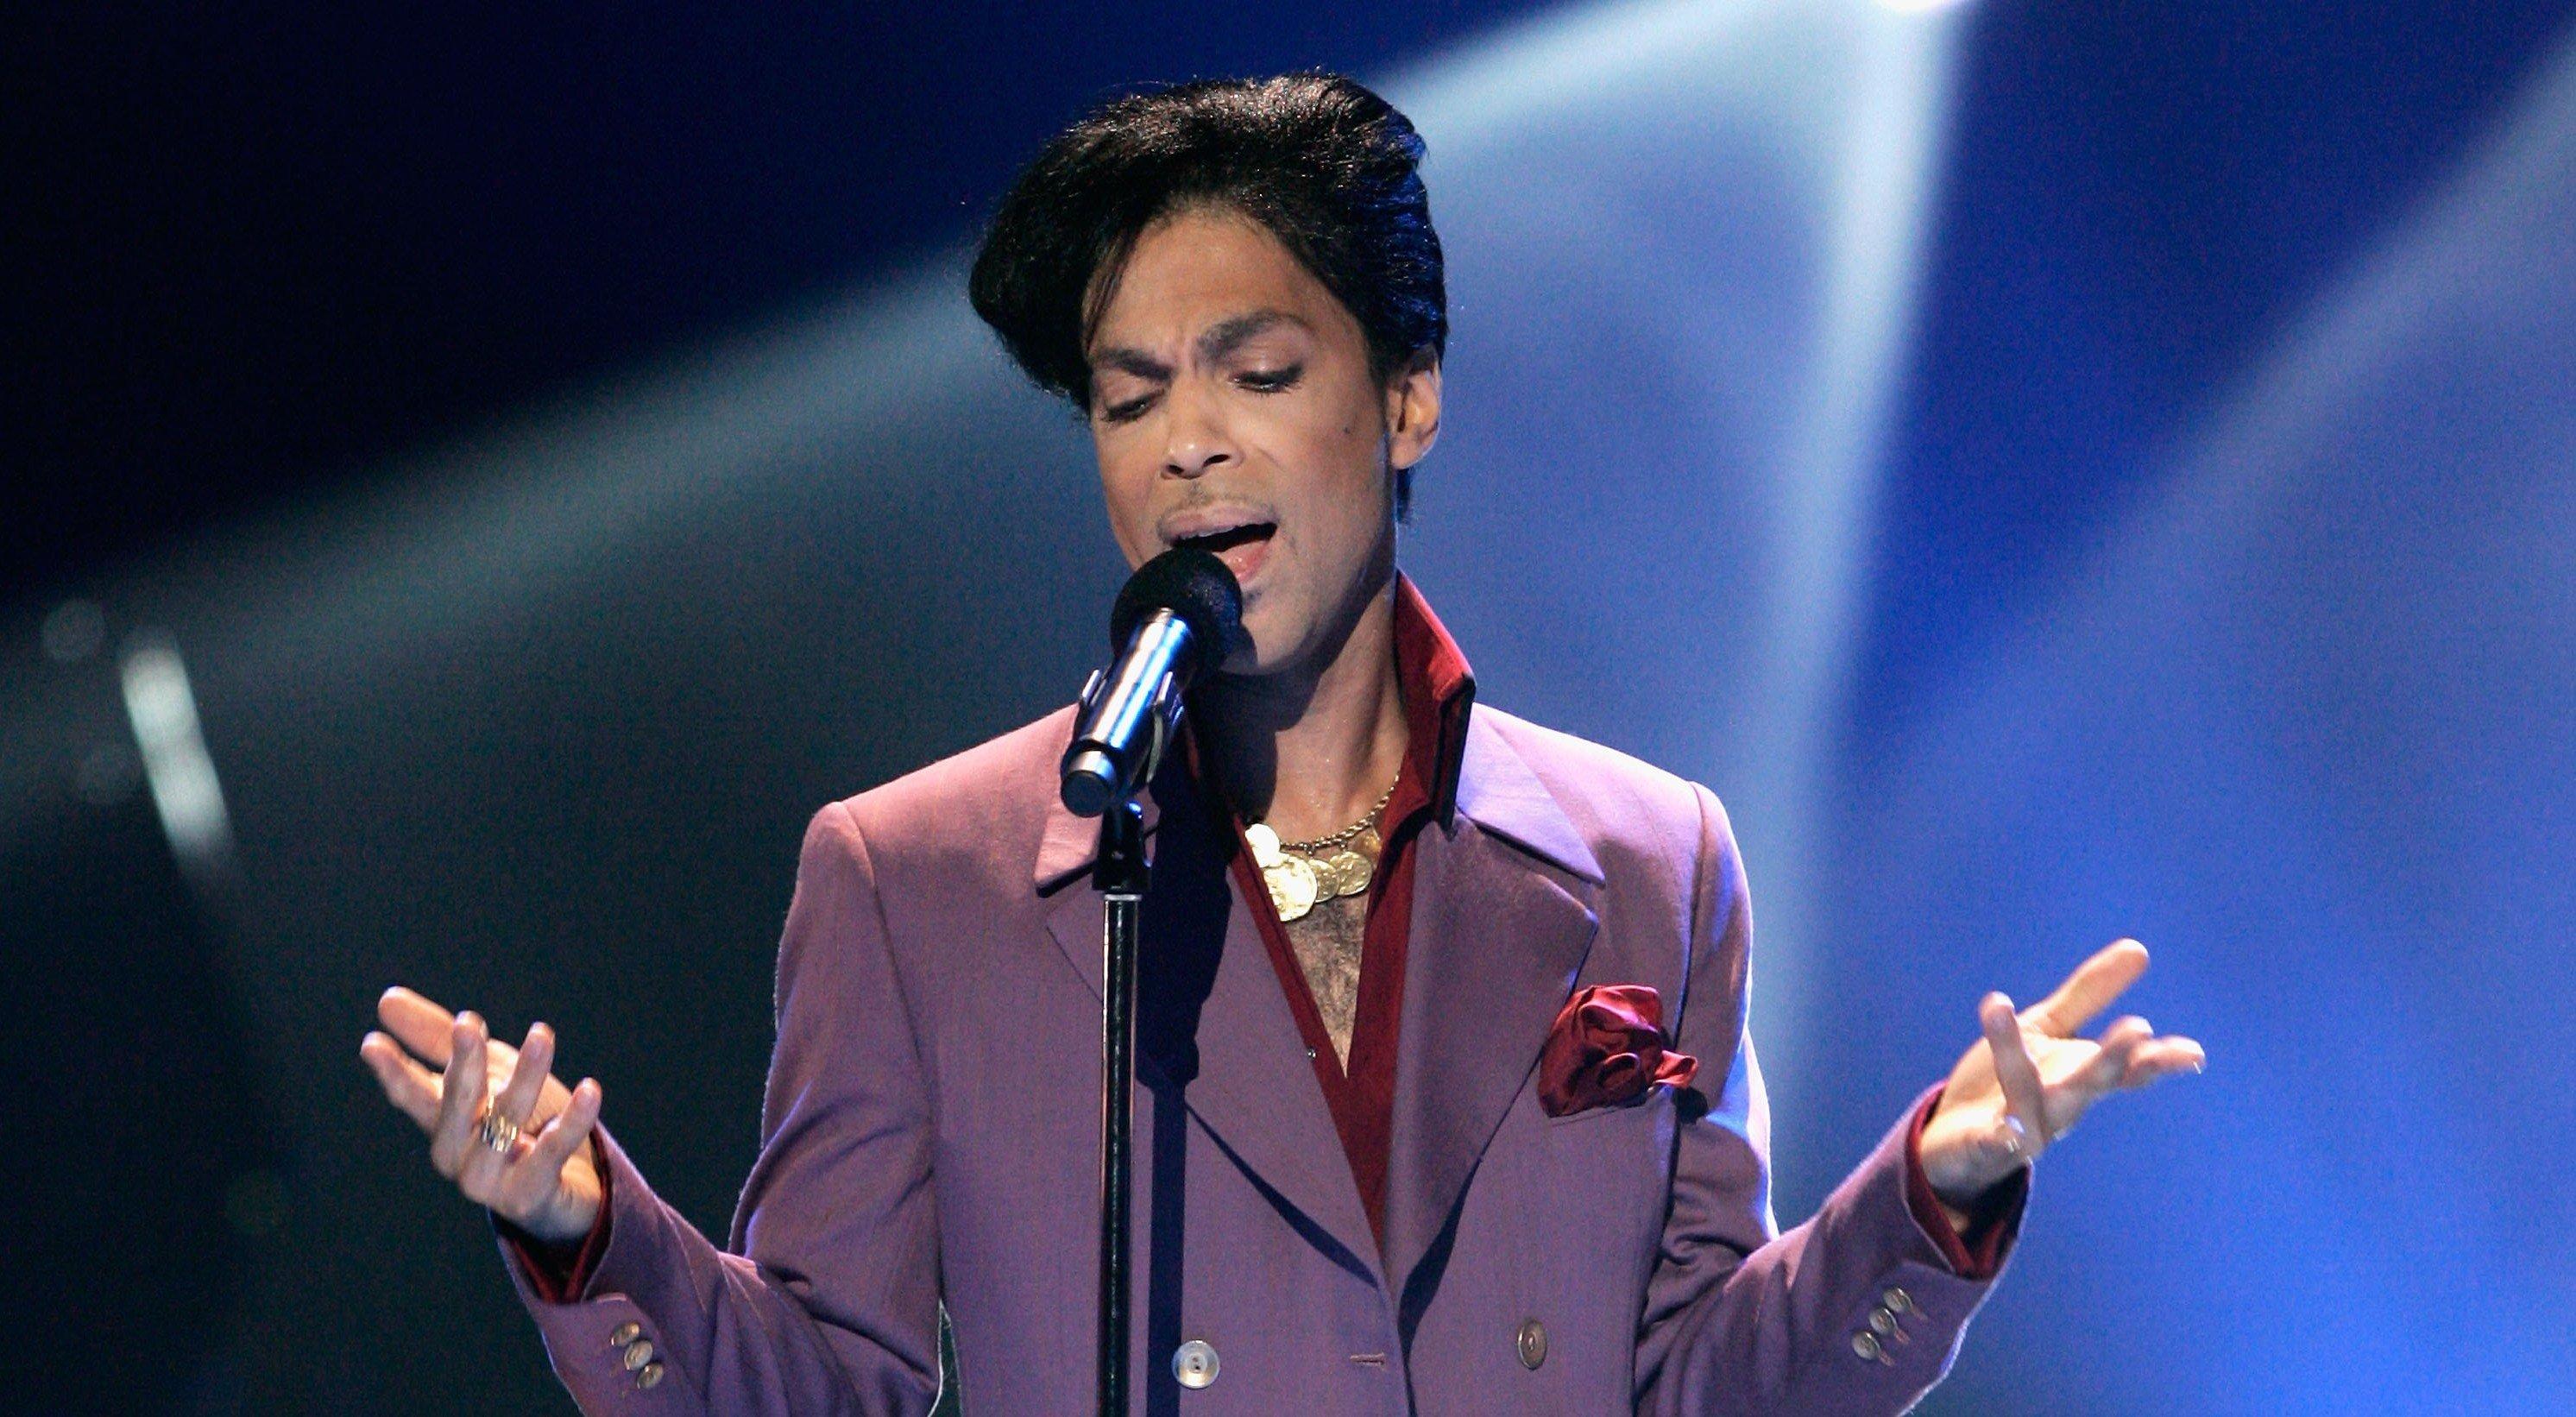 Prince Treated for Drug Overdose After Emergency Landing Last Week